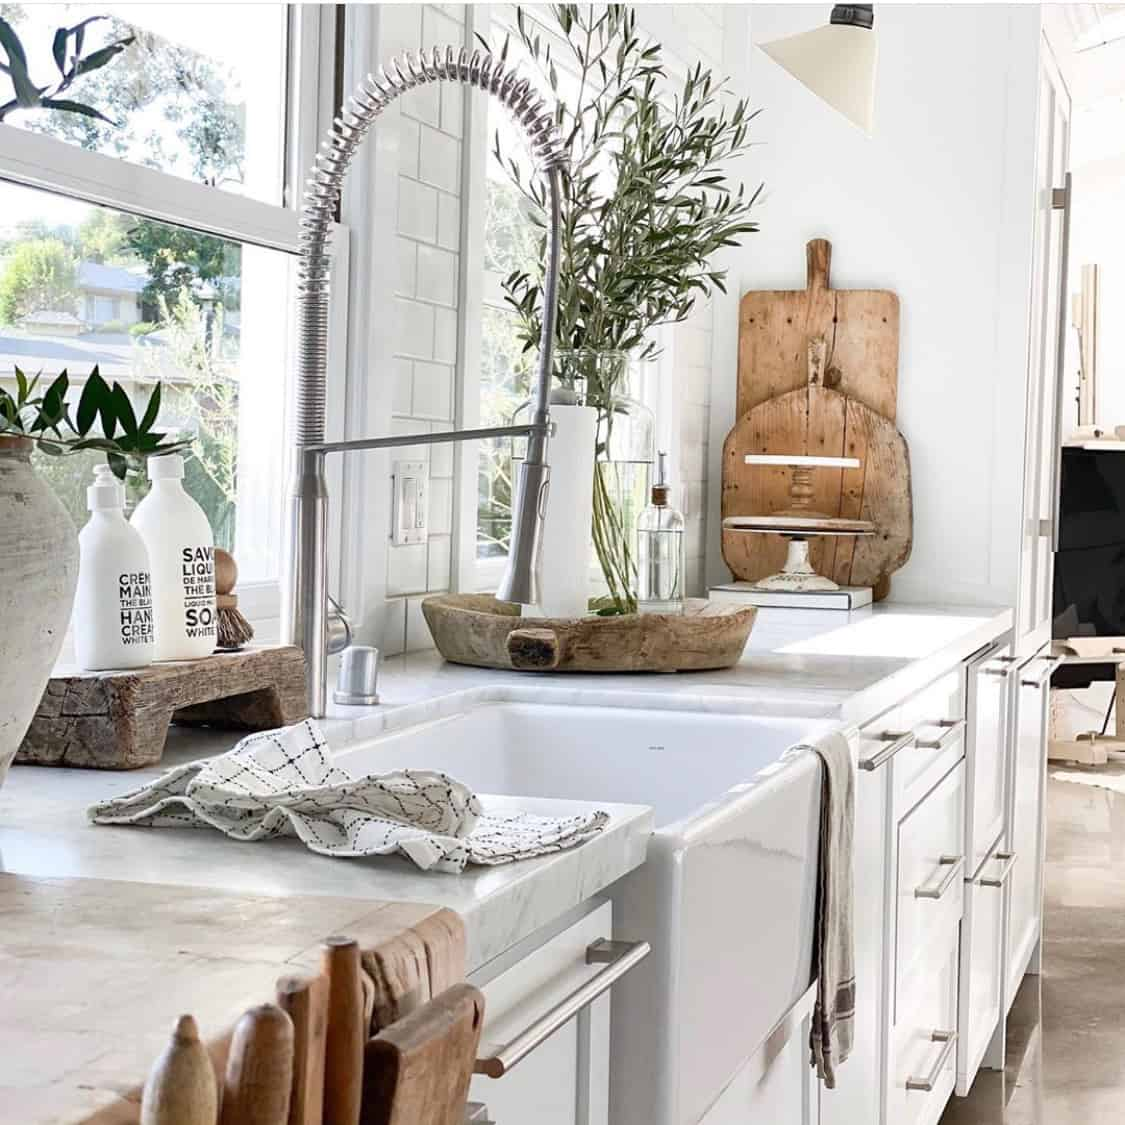 debra hall lifestyle kitchen